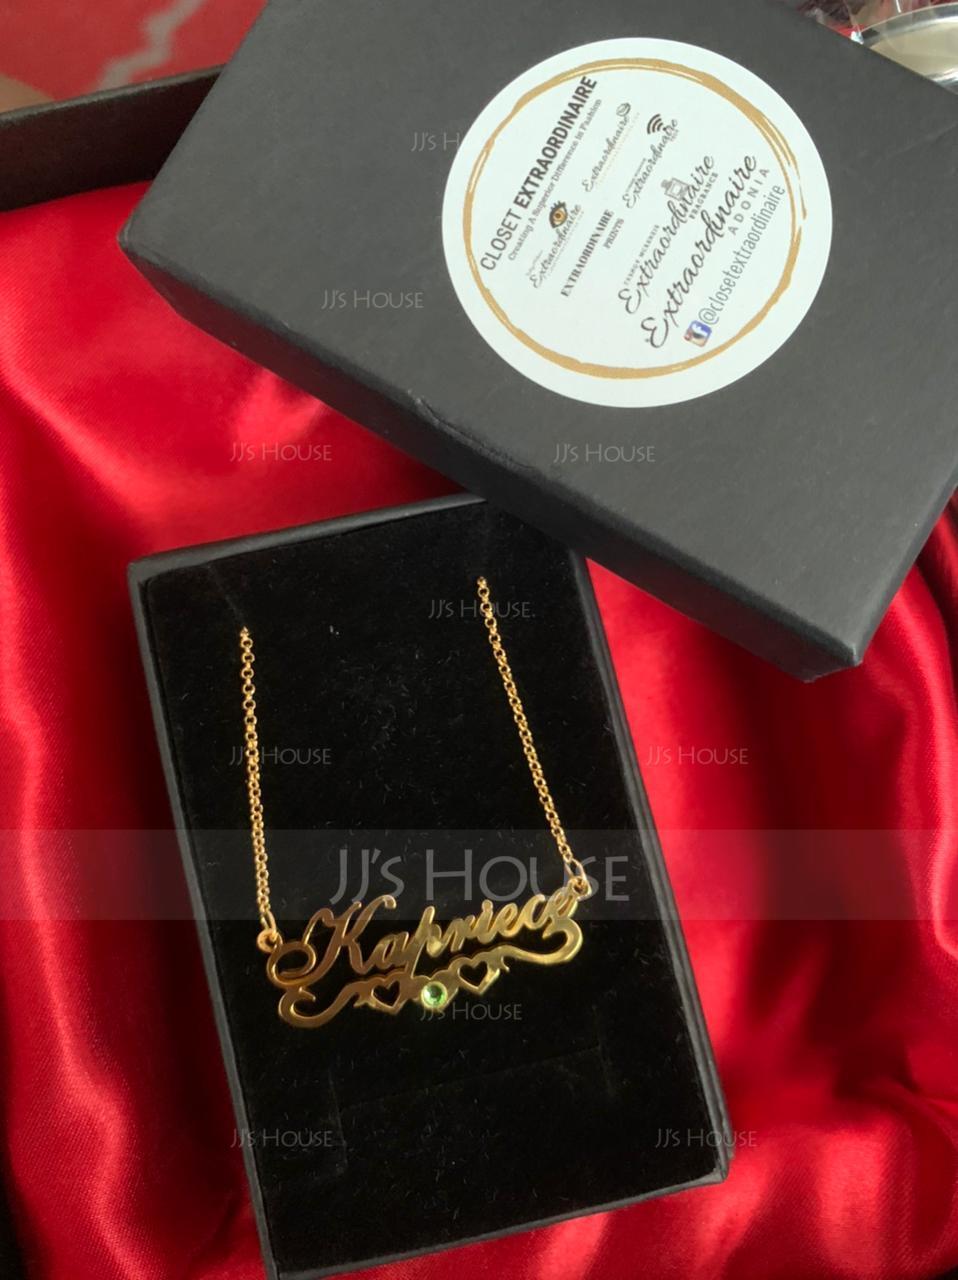 パーソナライズ 18Kゴールドメッキ 文字 ネームネックレス 誕生石ネックレス とともに 心臓 誕生石 - 誕生日プレゼント